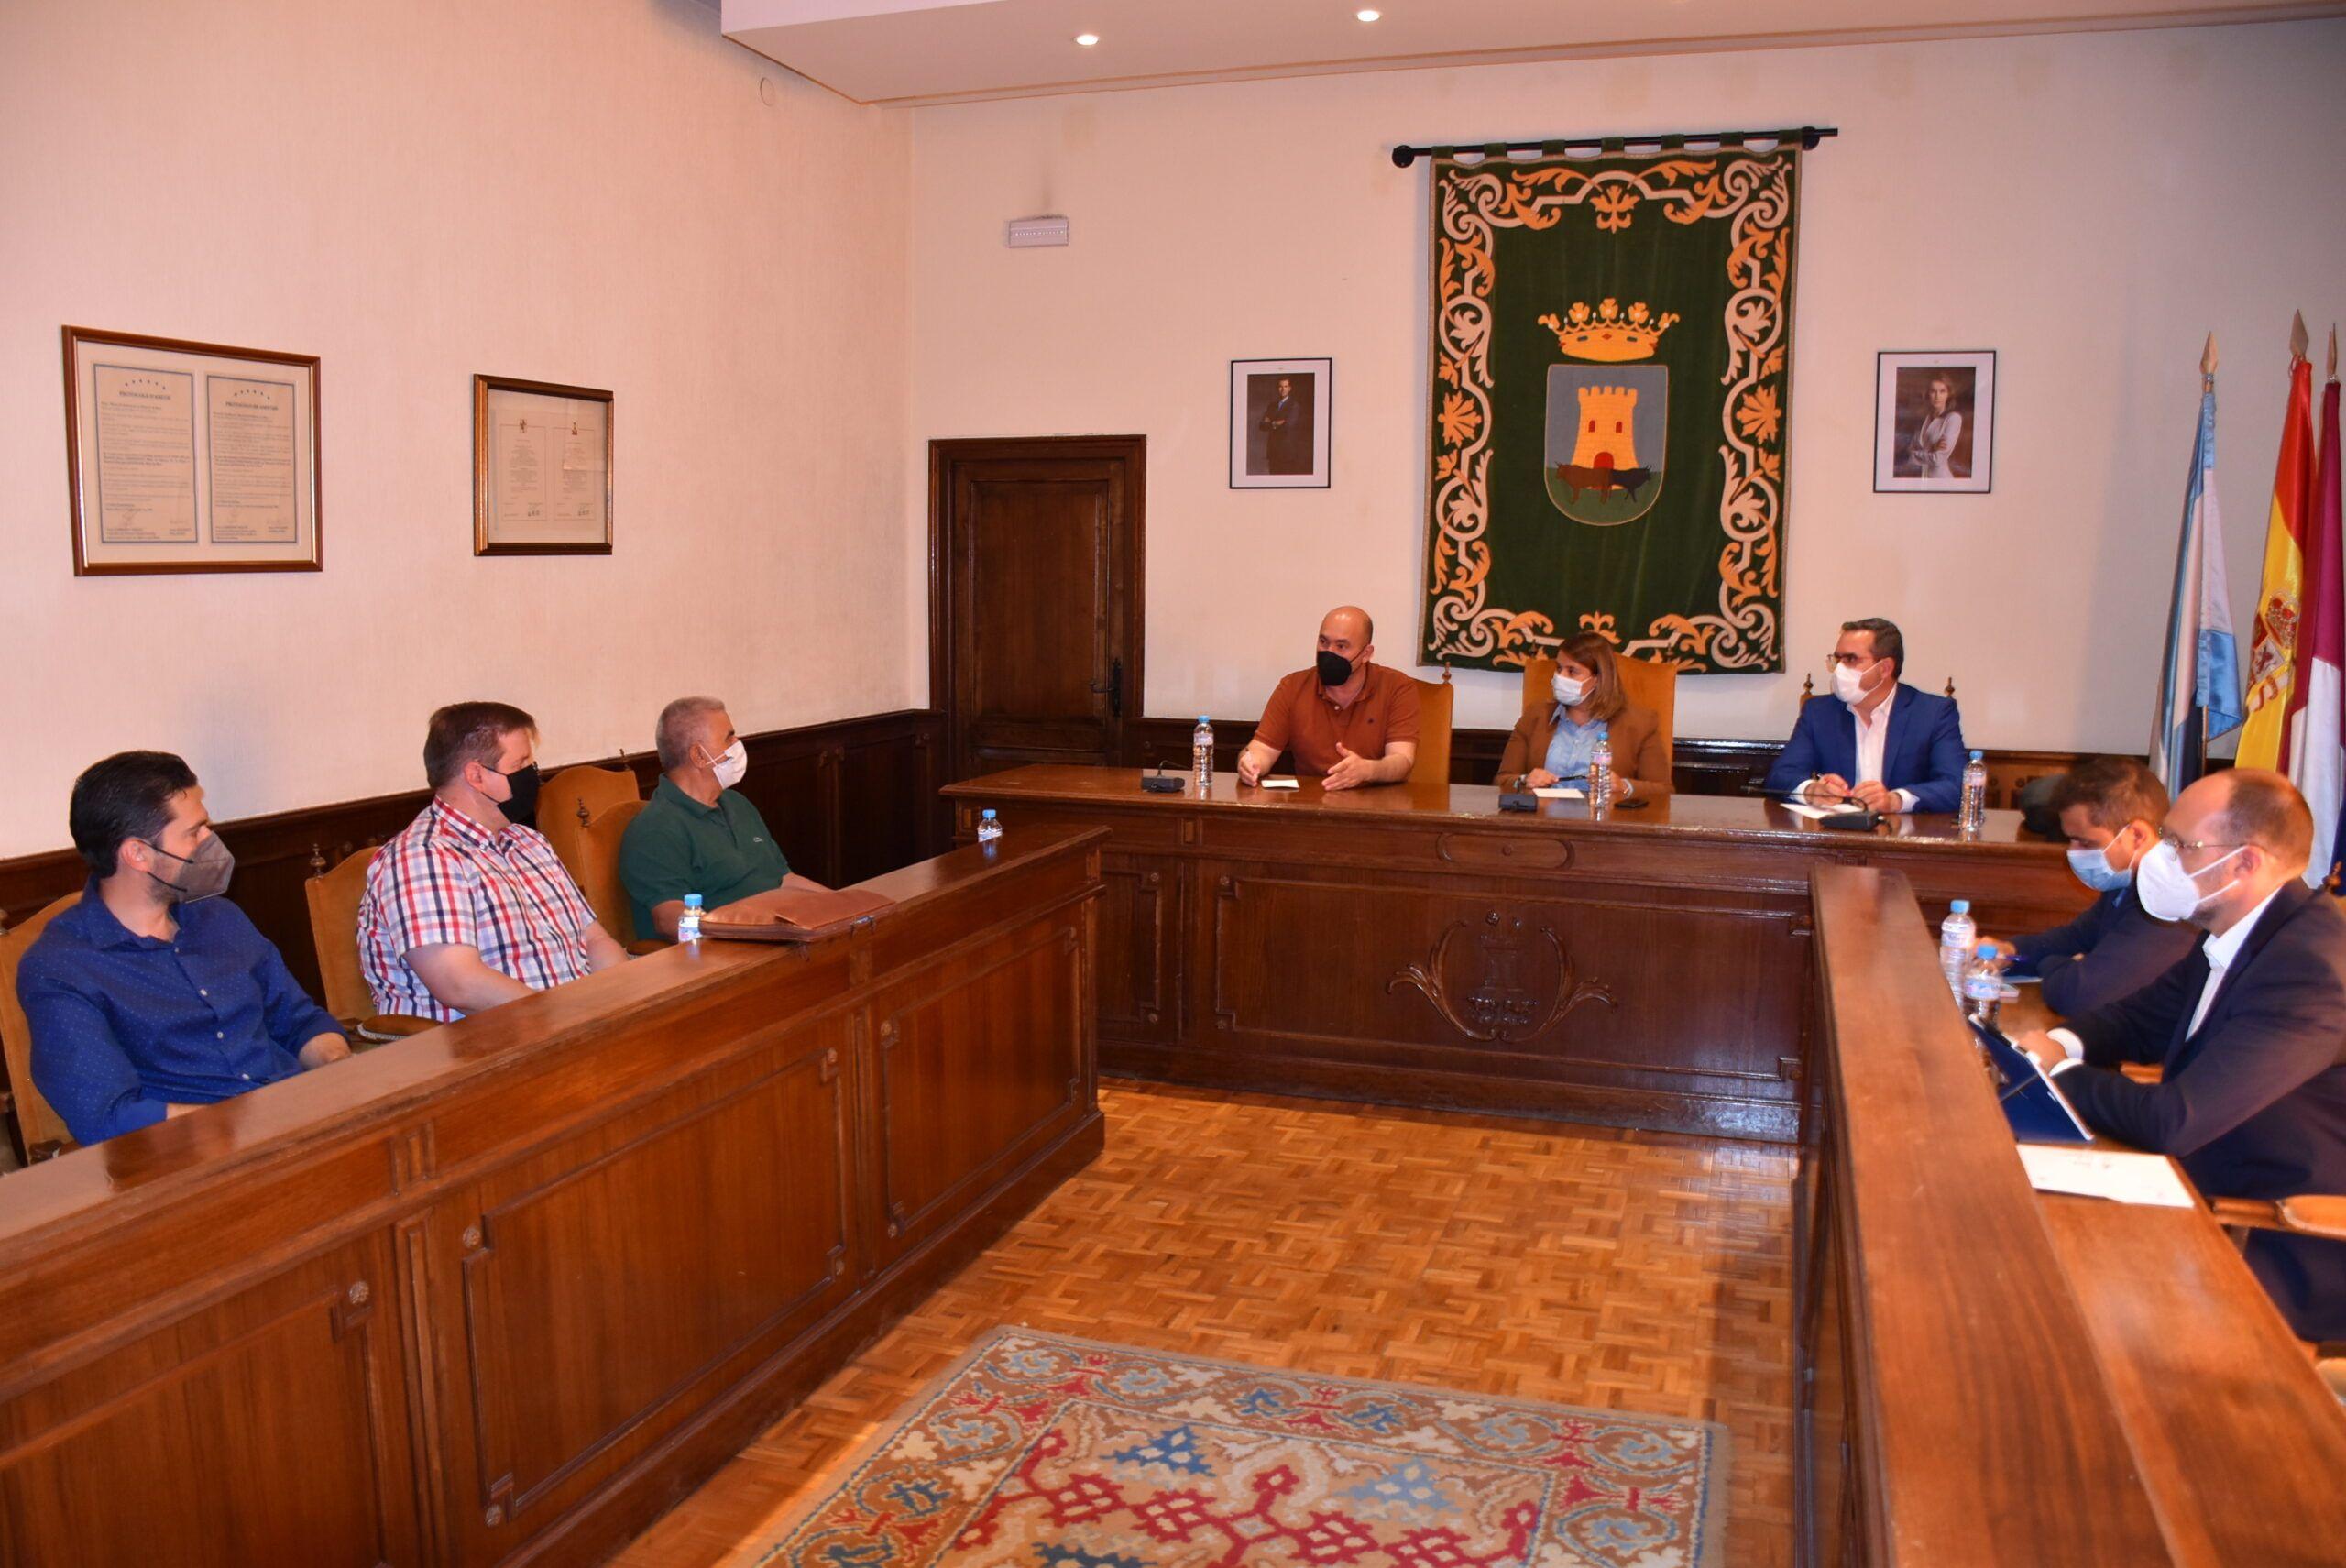 El Ayuntamiento trabaja con la JCCM, regantes y Plataformas para defender al Tajo y a la ciudad de forma conjunta en el borrador del plan hidrológico